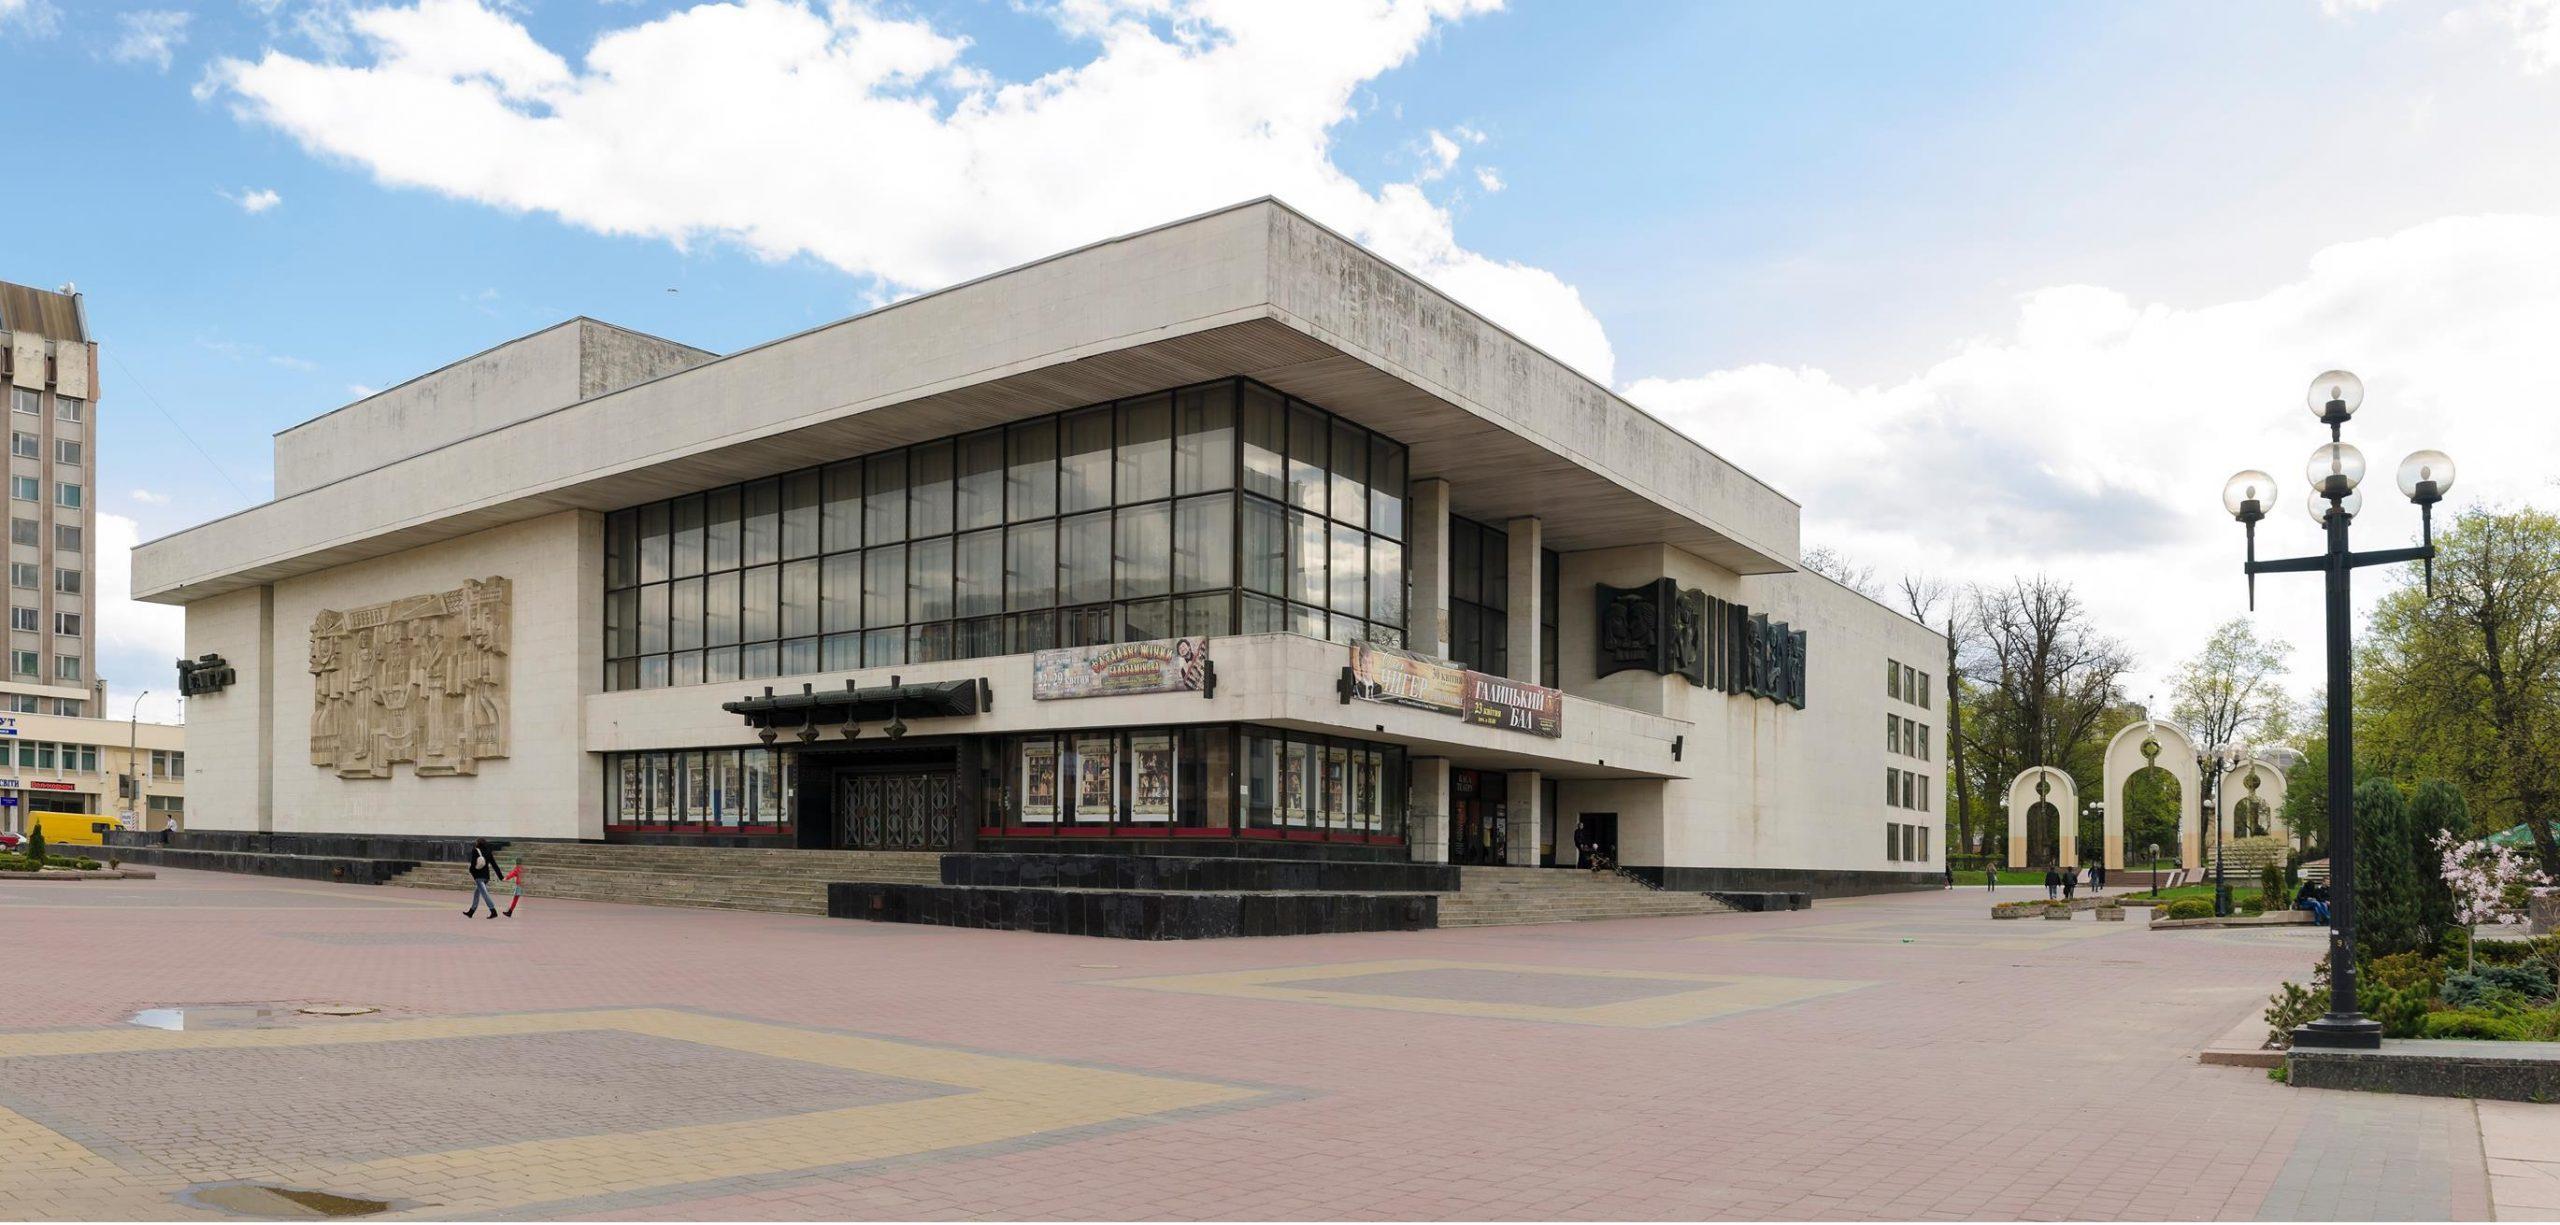 В Івано-Франківському драмтеатрі влаштували публічну вакцинацію. Відео